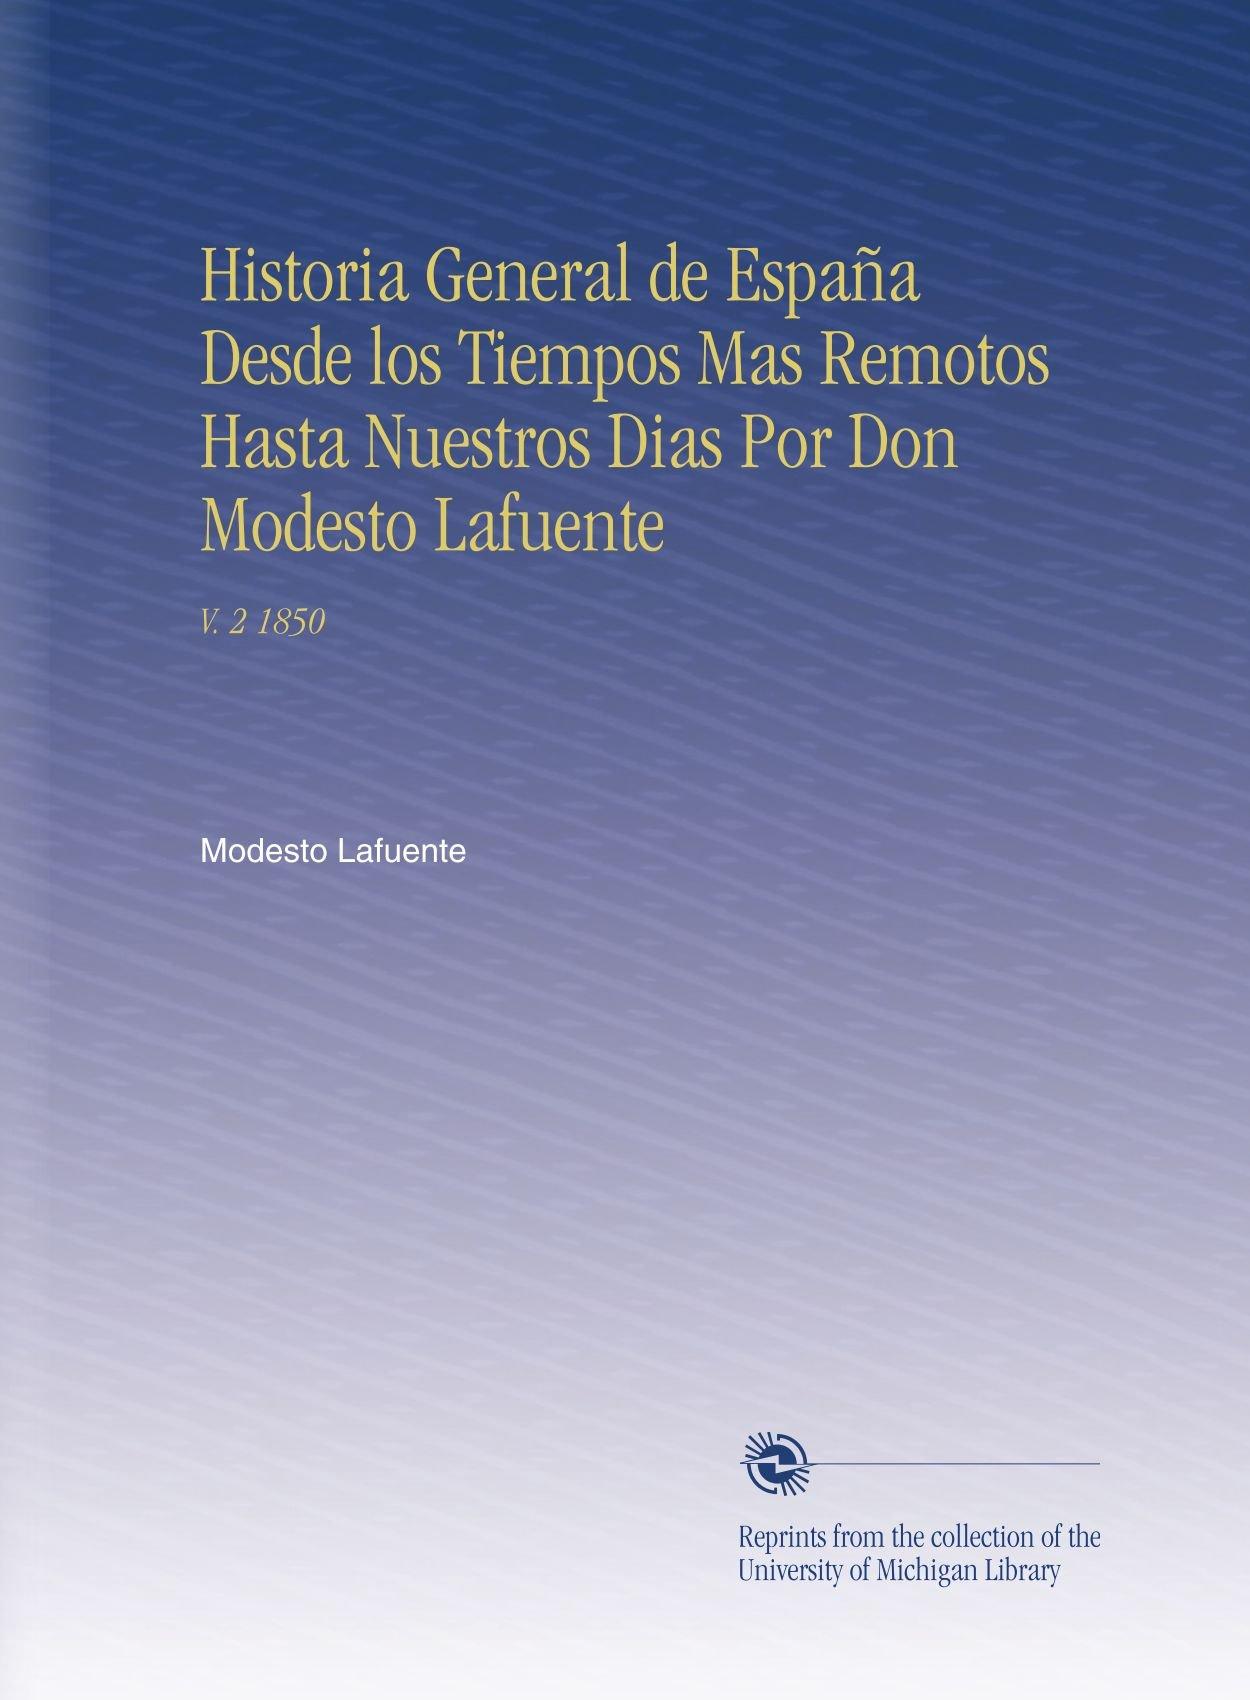 Historia General de España Desde los Tiempos Mas Remotos Hasta ...